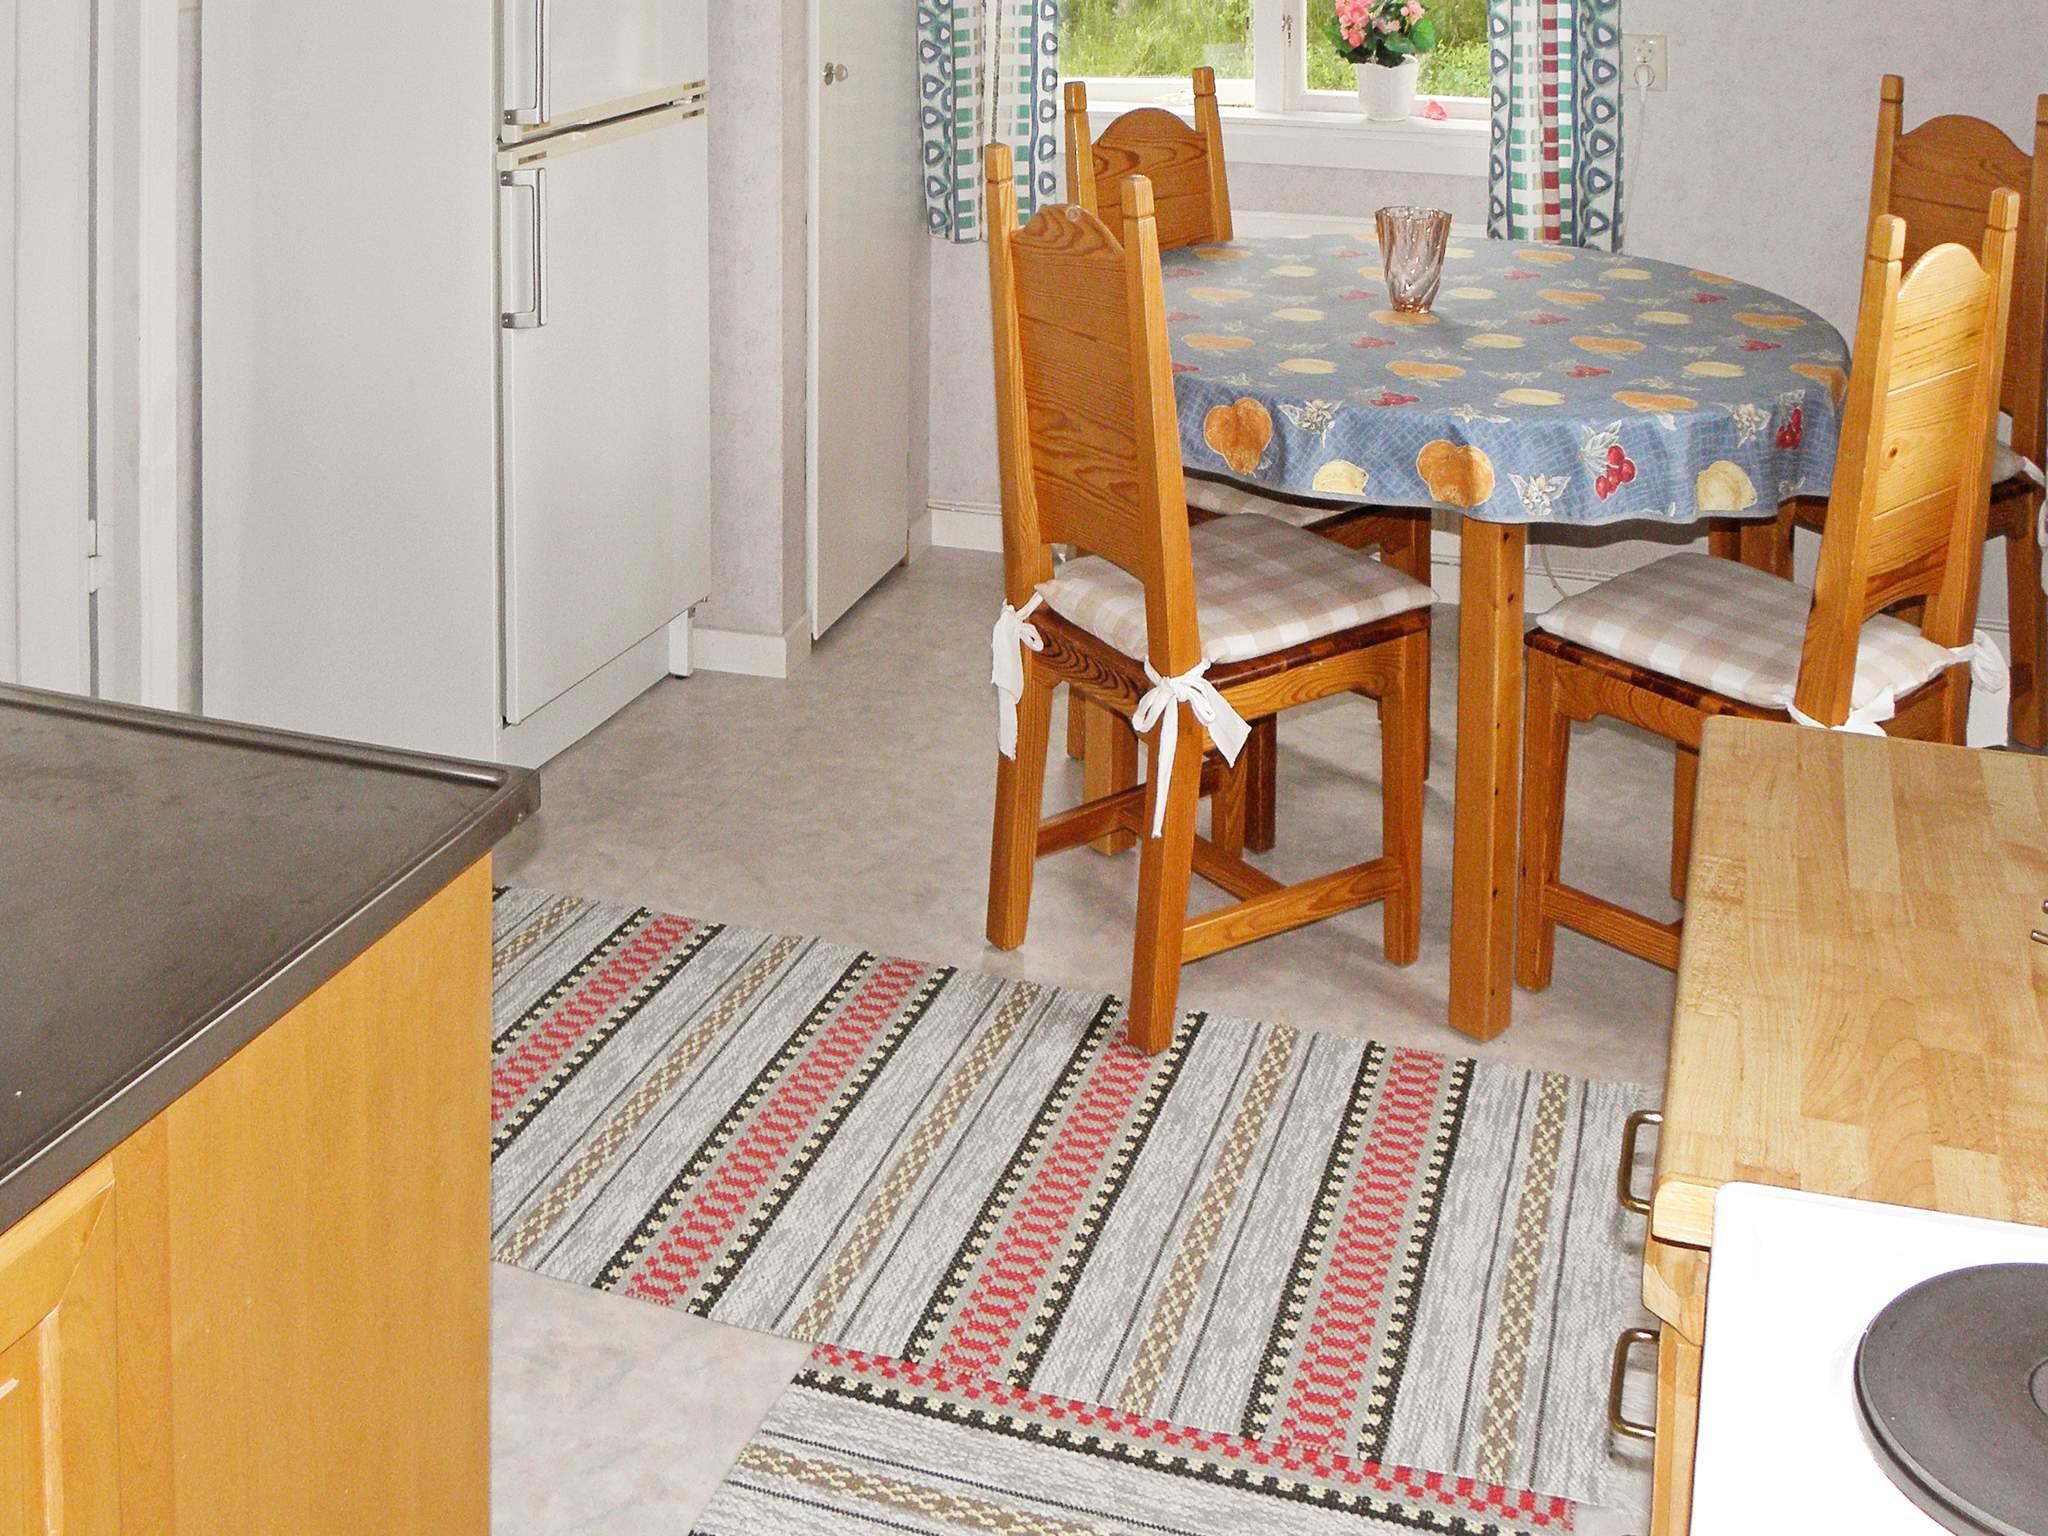 Ferienhaus Gullspång (82693), Gullspång, Västra Götaland län, Westschweden, Schweden, Bild 11